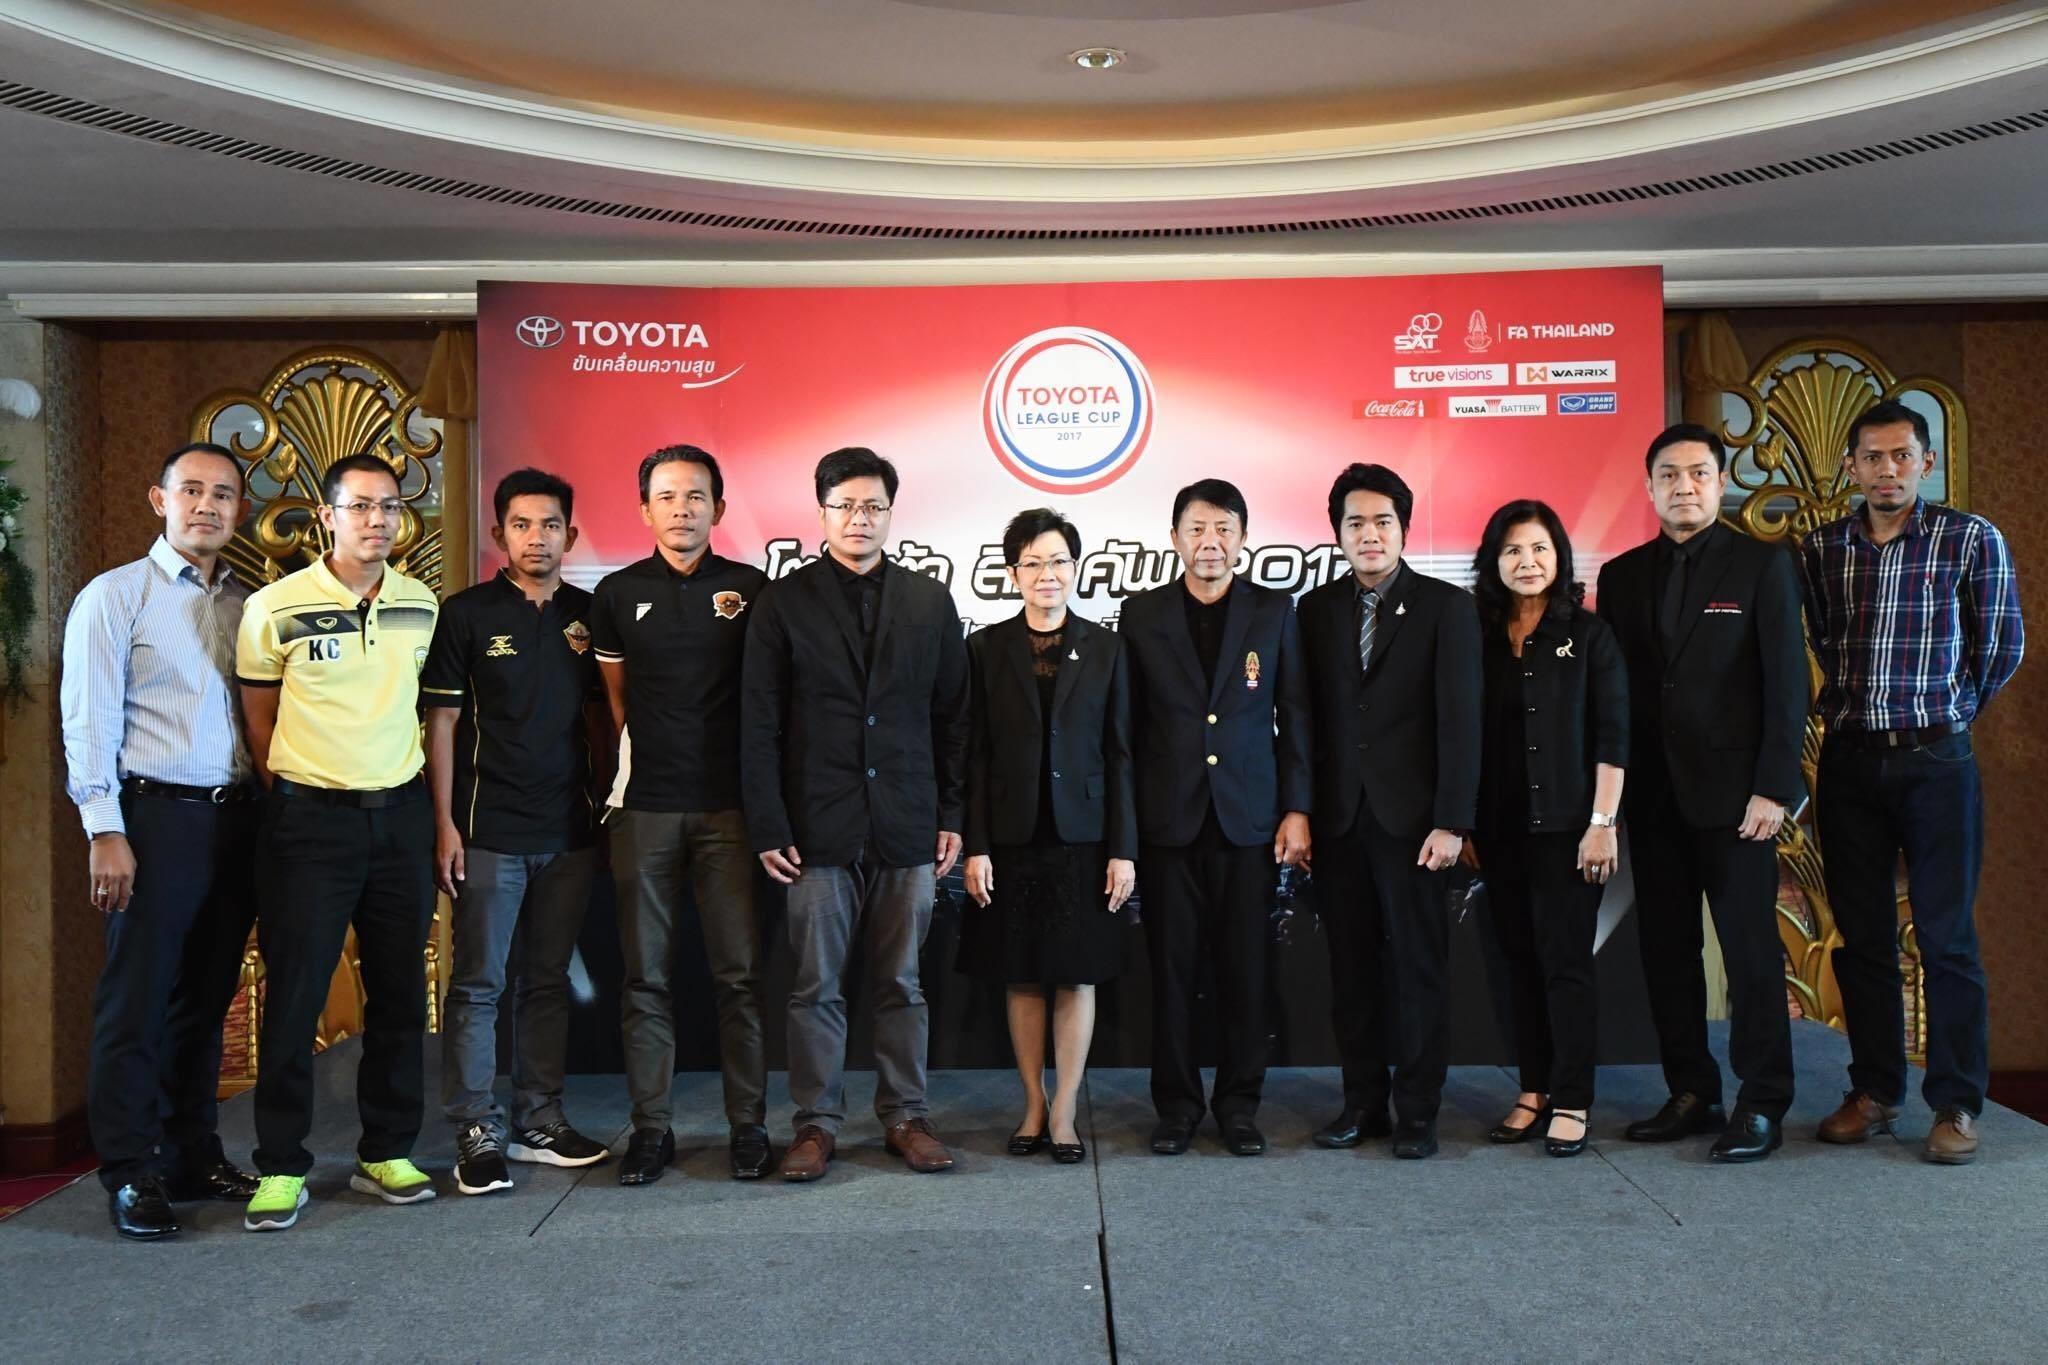 แจ้งผลการจับสลากการแข่งขันฟุตบอลโตโยต้า ลีก คัพ 2017 รอบคัดเลือก RakballThai.com